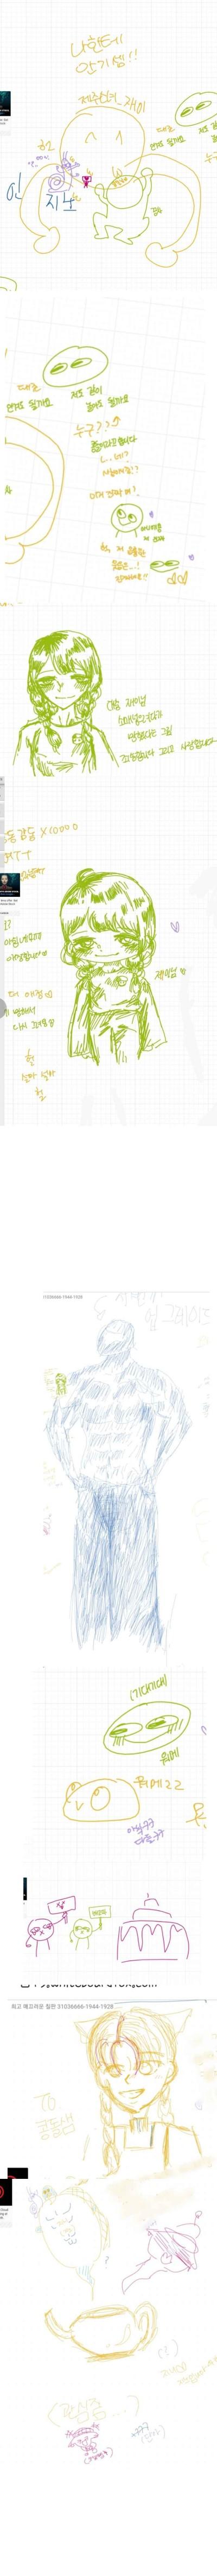 PENUP Digital Drawing | J_eju.sonyeo_J | PENUP